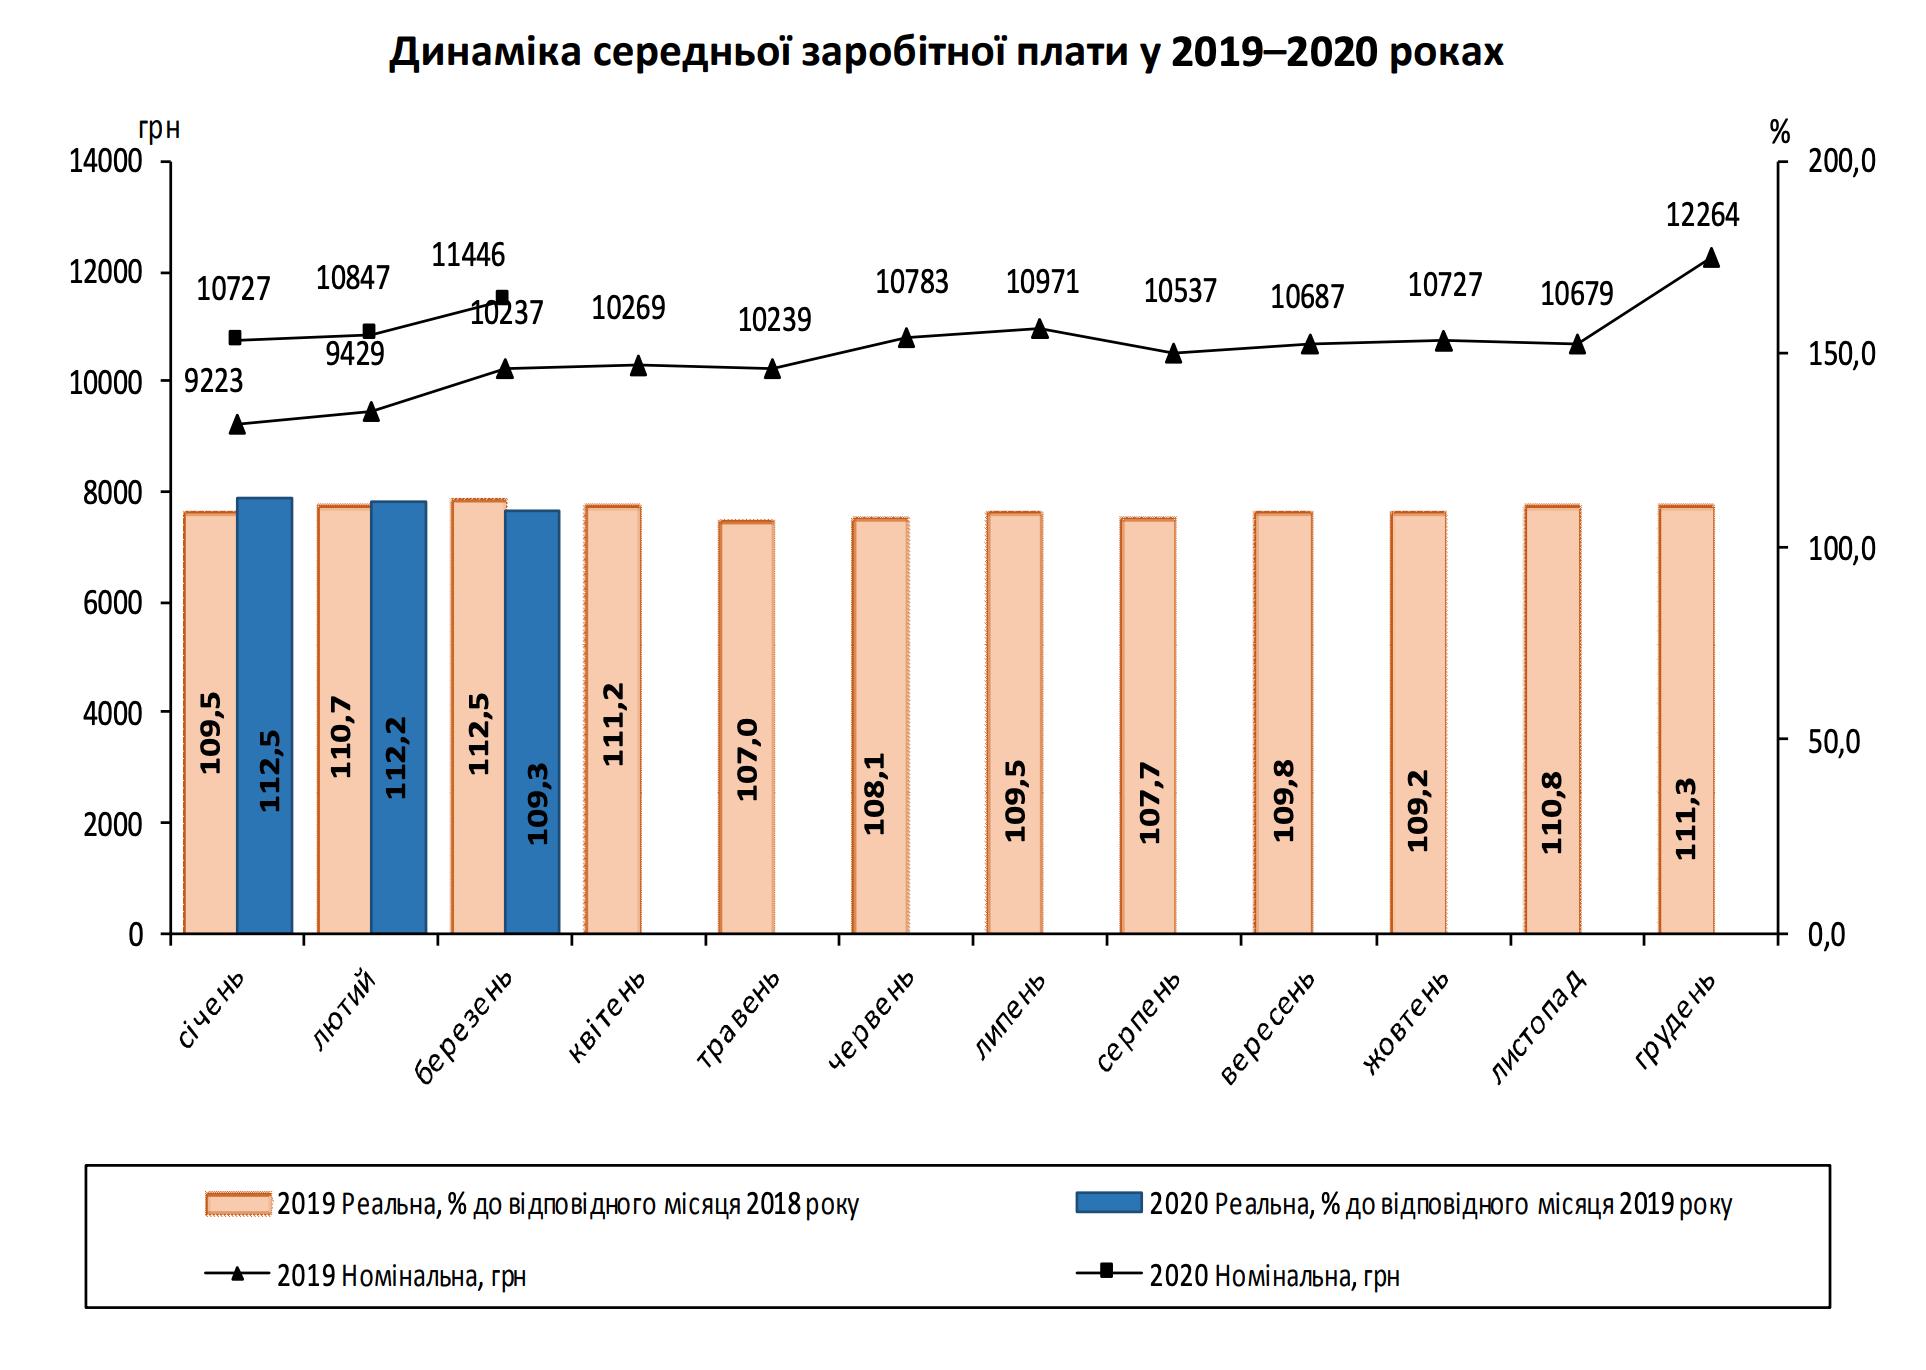 Средняя зарплата в Украине выросла на 600 грн - Госстат